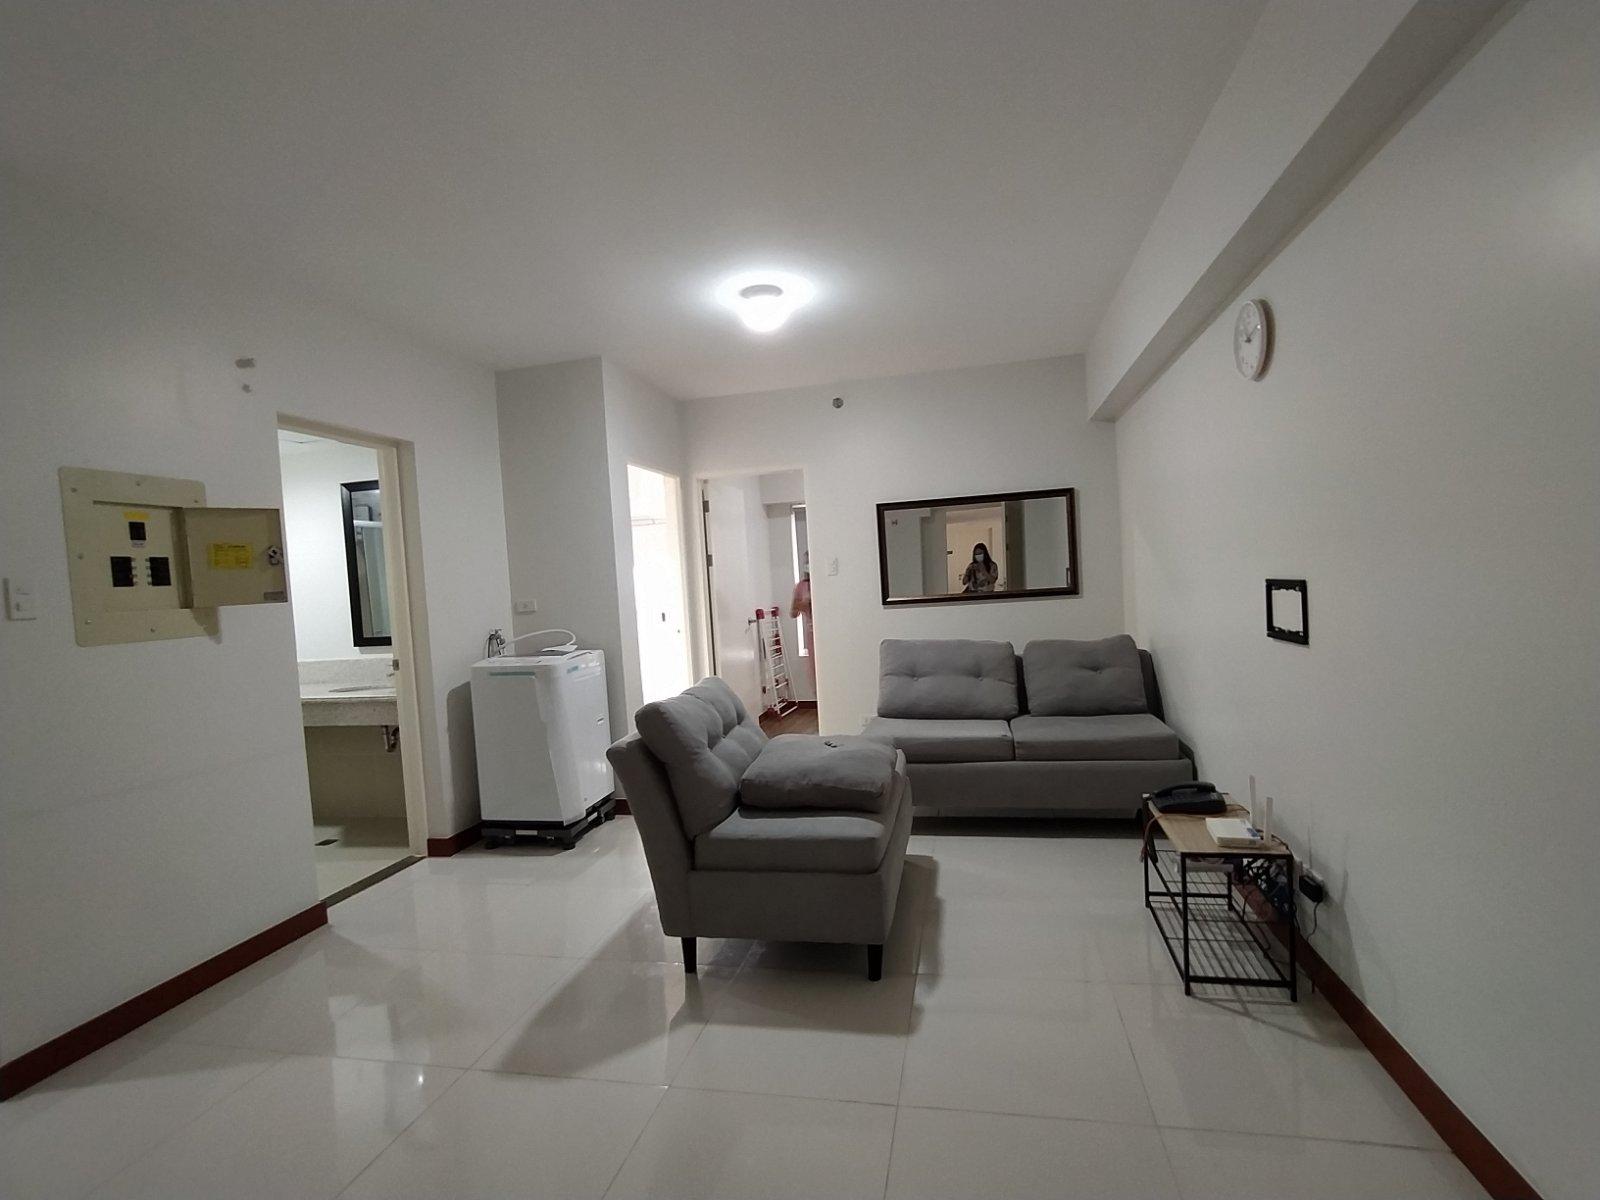 2BR Condominium in Brio Tower for Rent